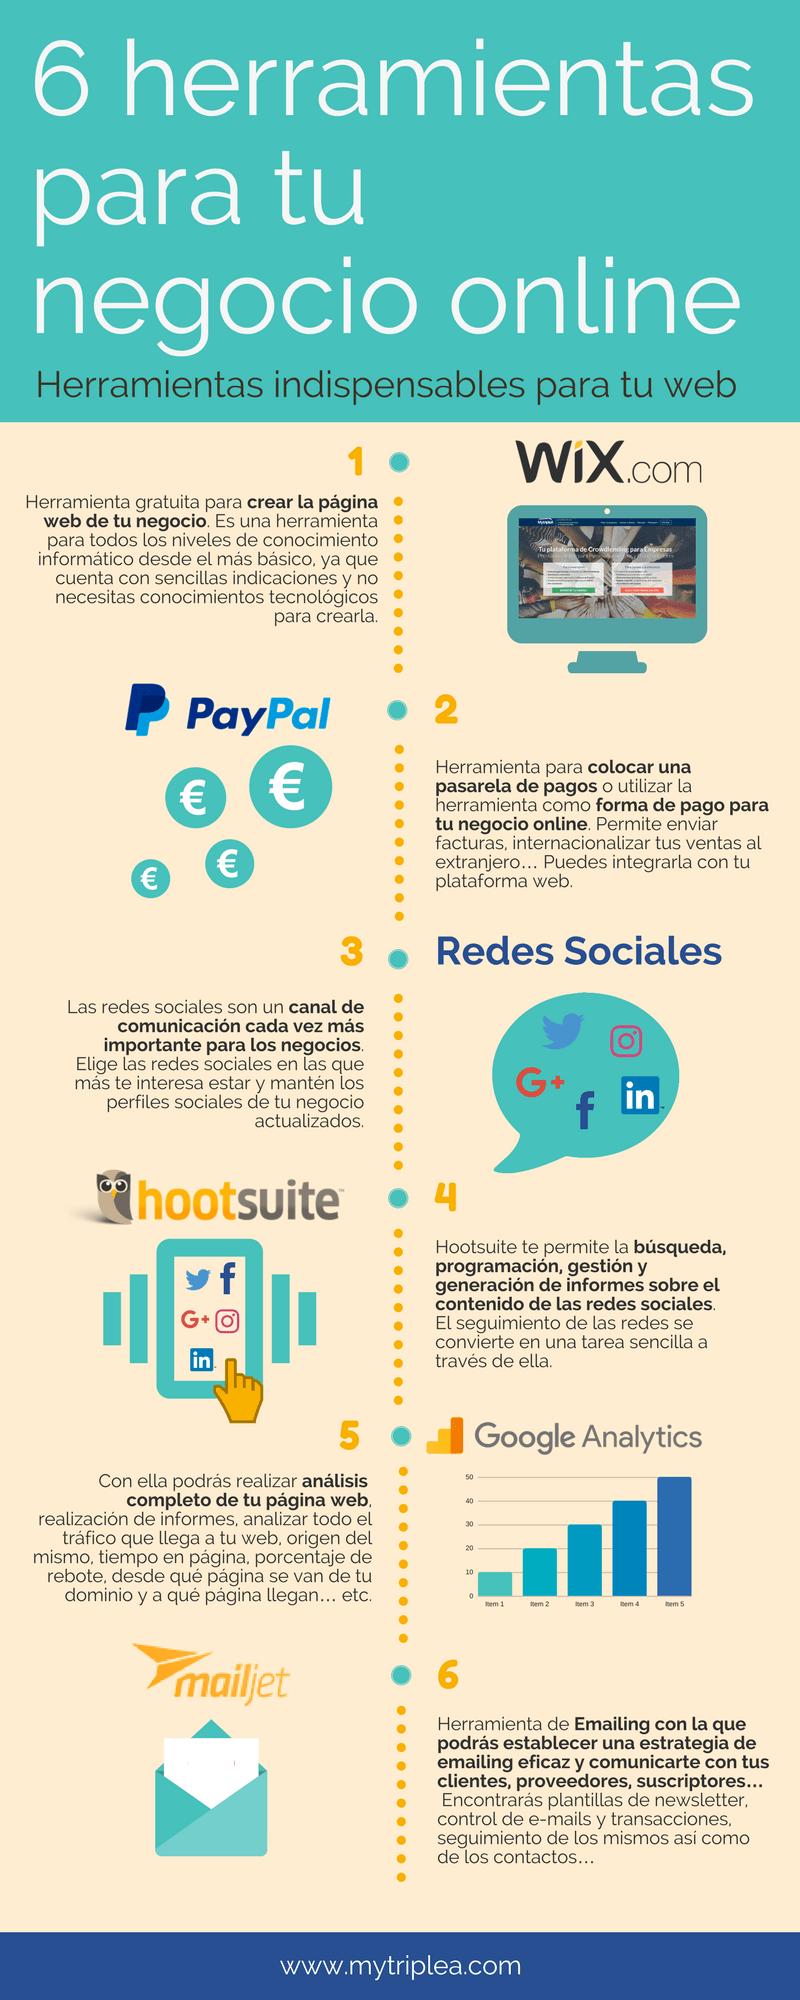 Infografía de herramientas para negocio online